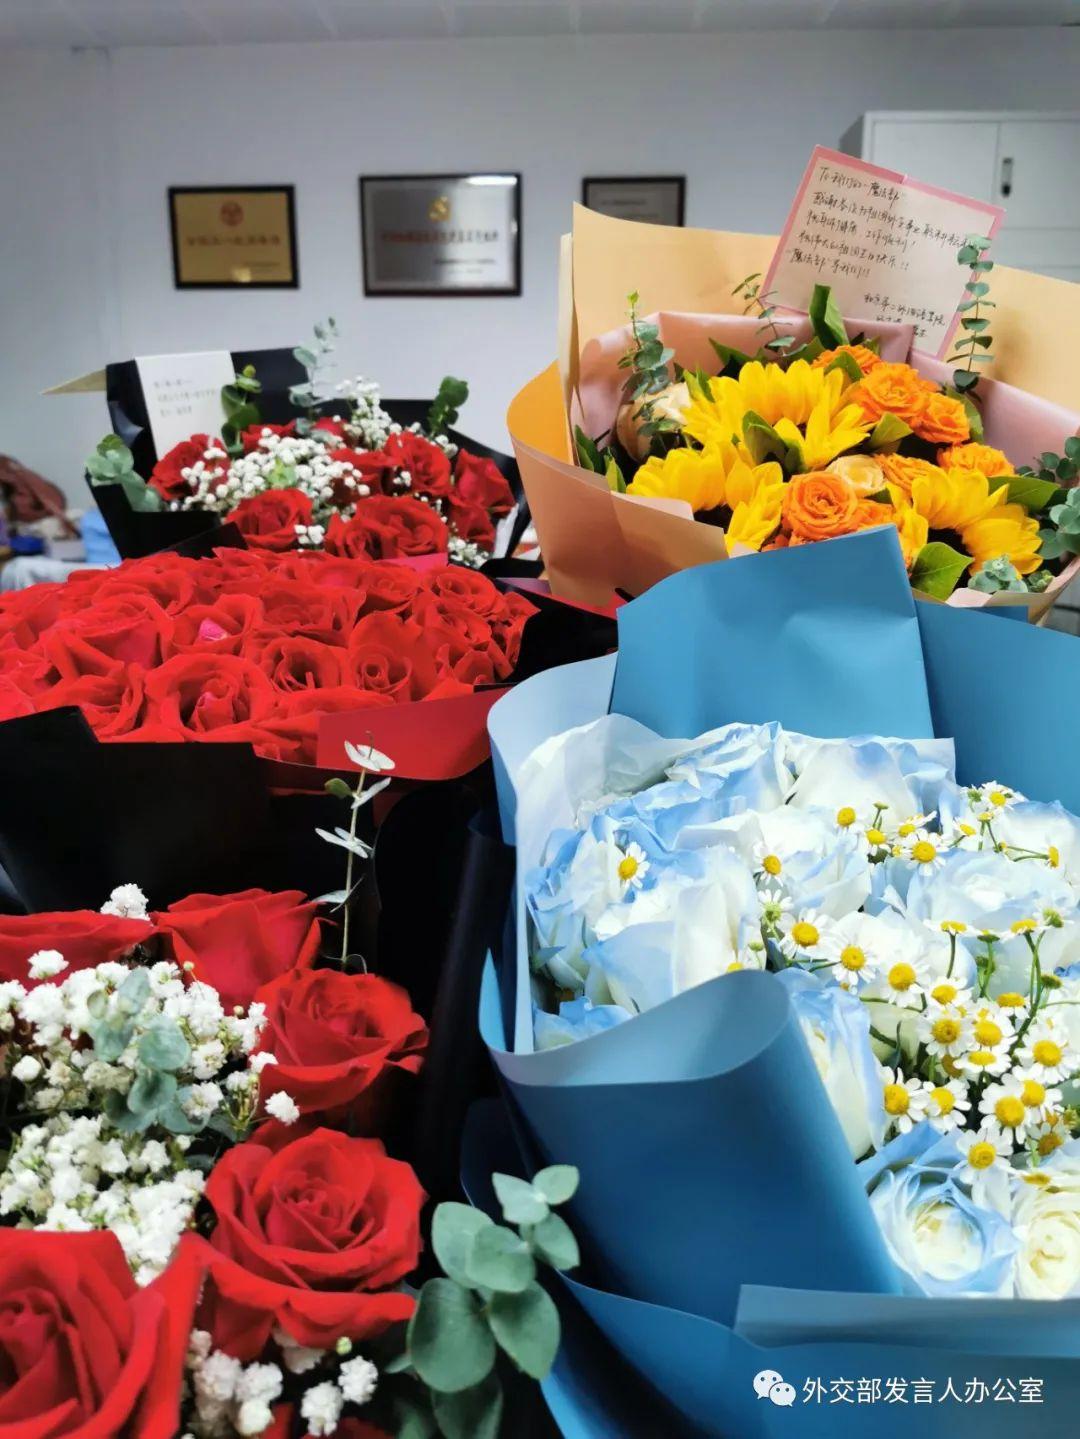 《【欧亿代理app】青年学生送上鲜花感谢中国政府营救孟晚舟回国外交部:鲜花收悉 感谢好意》